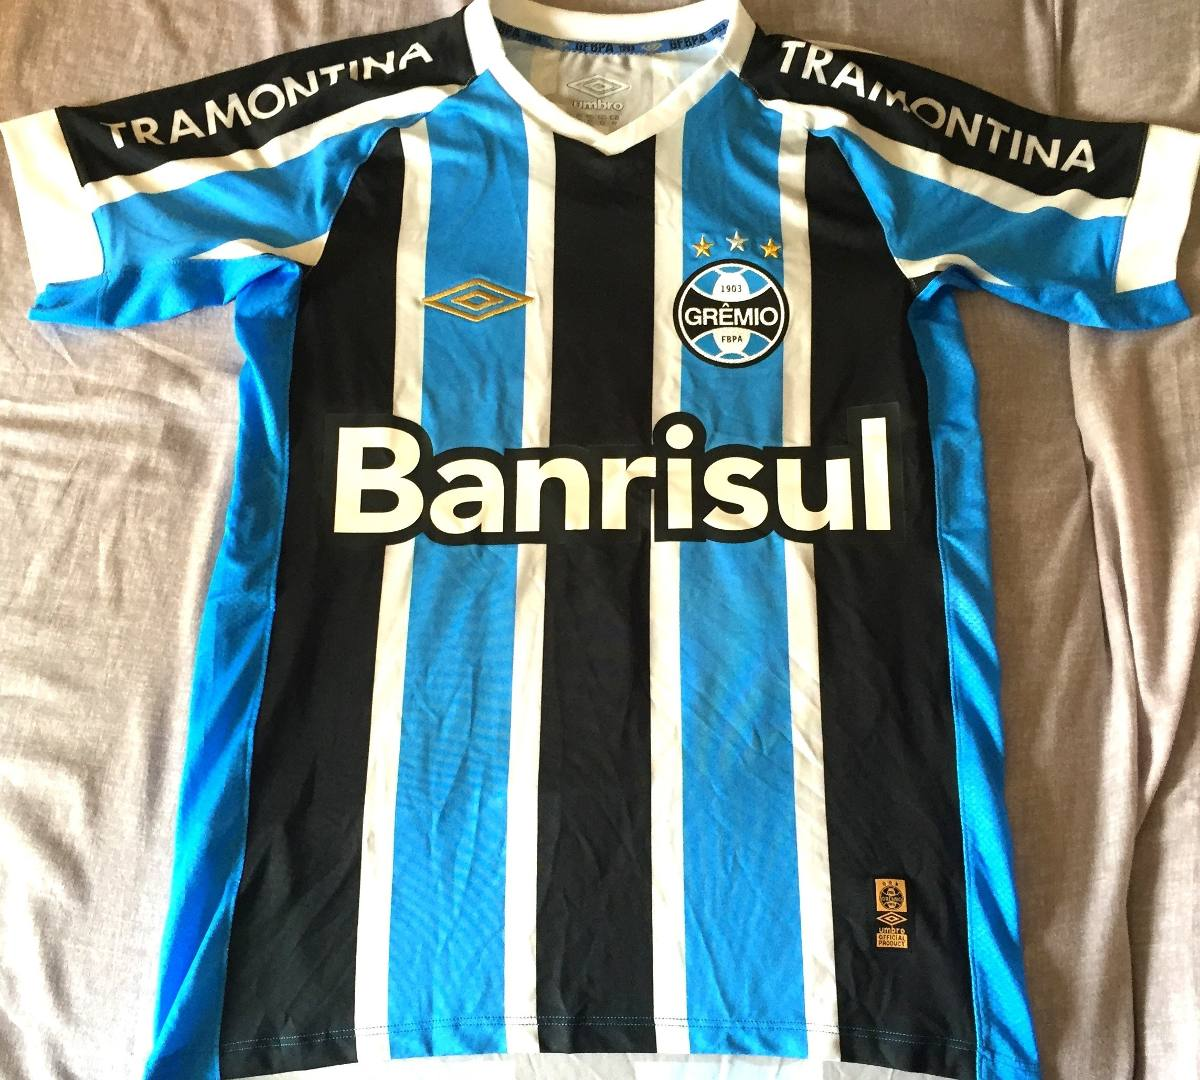 camisa grêmio brasileirão 2015 de jogo uniforme 1. Carregando zoom. 5146dcd616eff